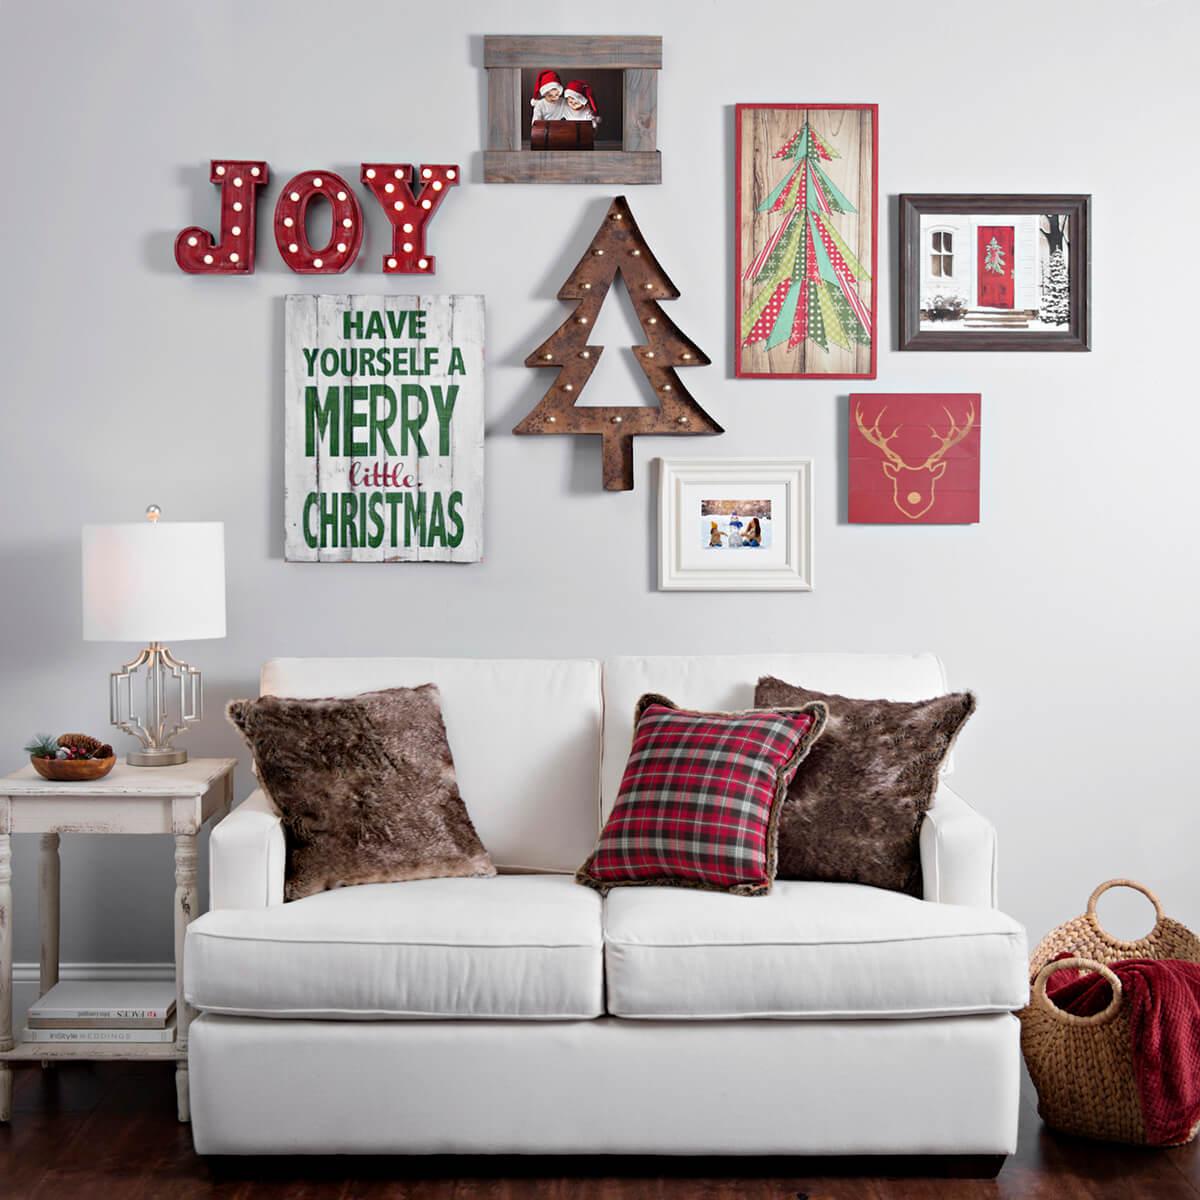 decorazioni-natalizie-divano-abbellire